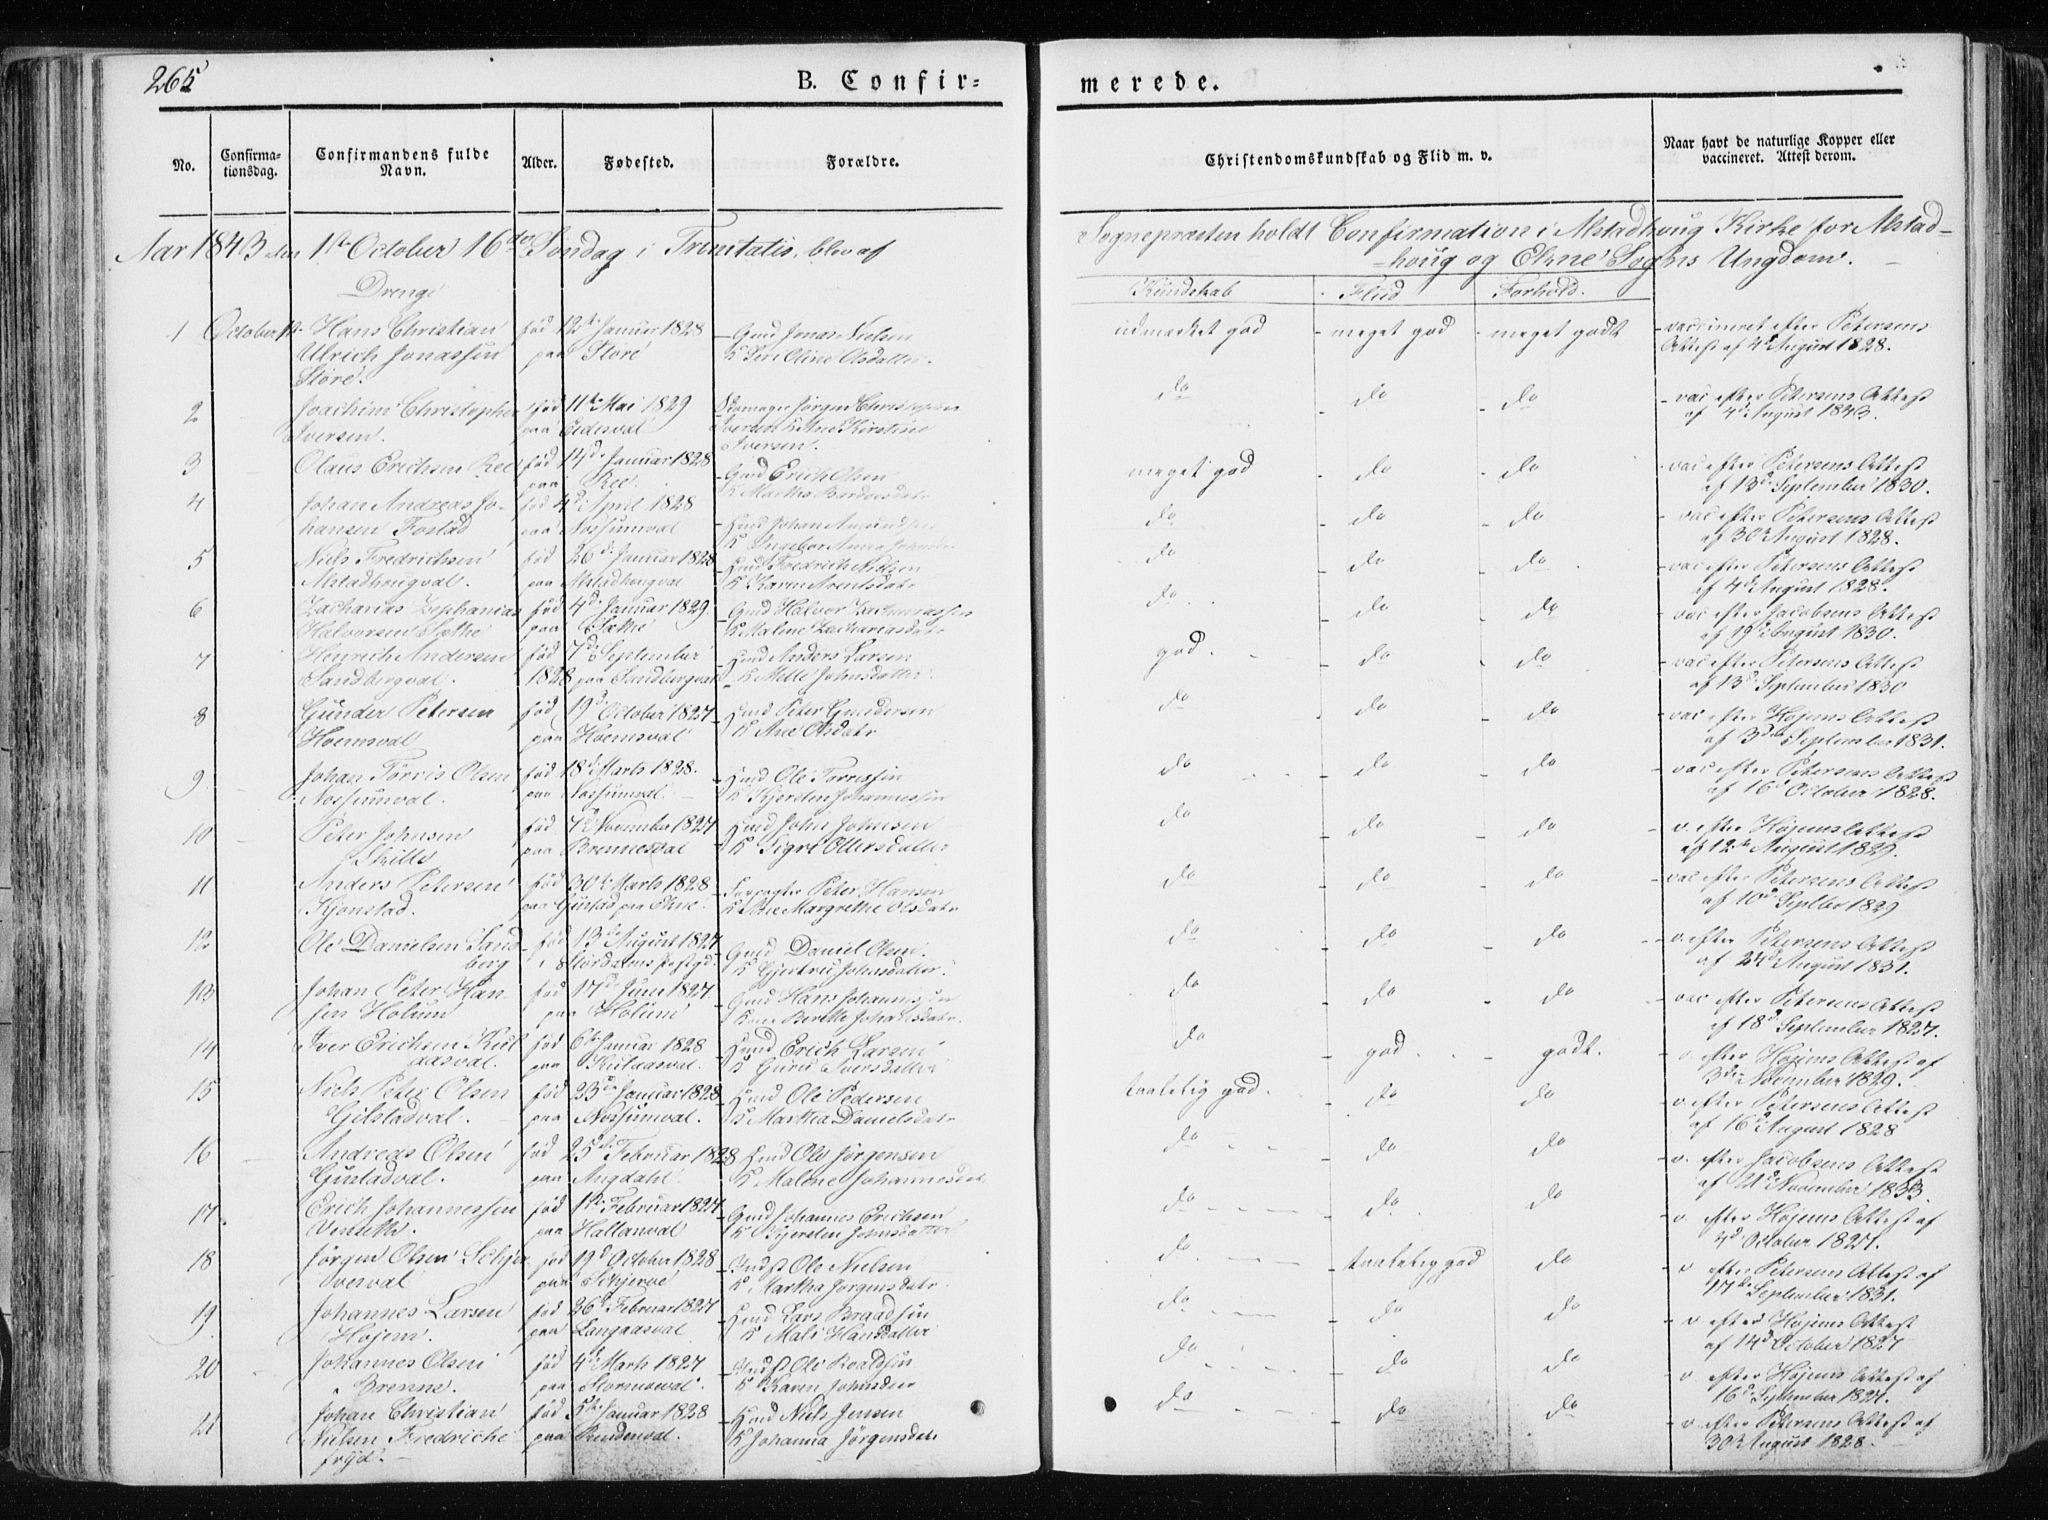 SAT, Ministerialprotokoller, klokkerbøker og fødselsregistre - Nord-Trøndelag, 717/L0154: Ministerialbok nr. 717A06 /1, 1836-1849, s. 265